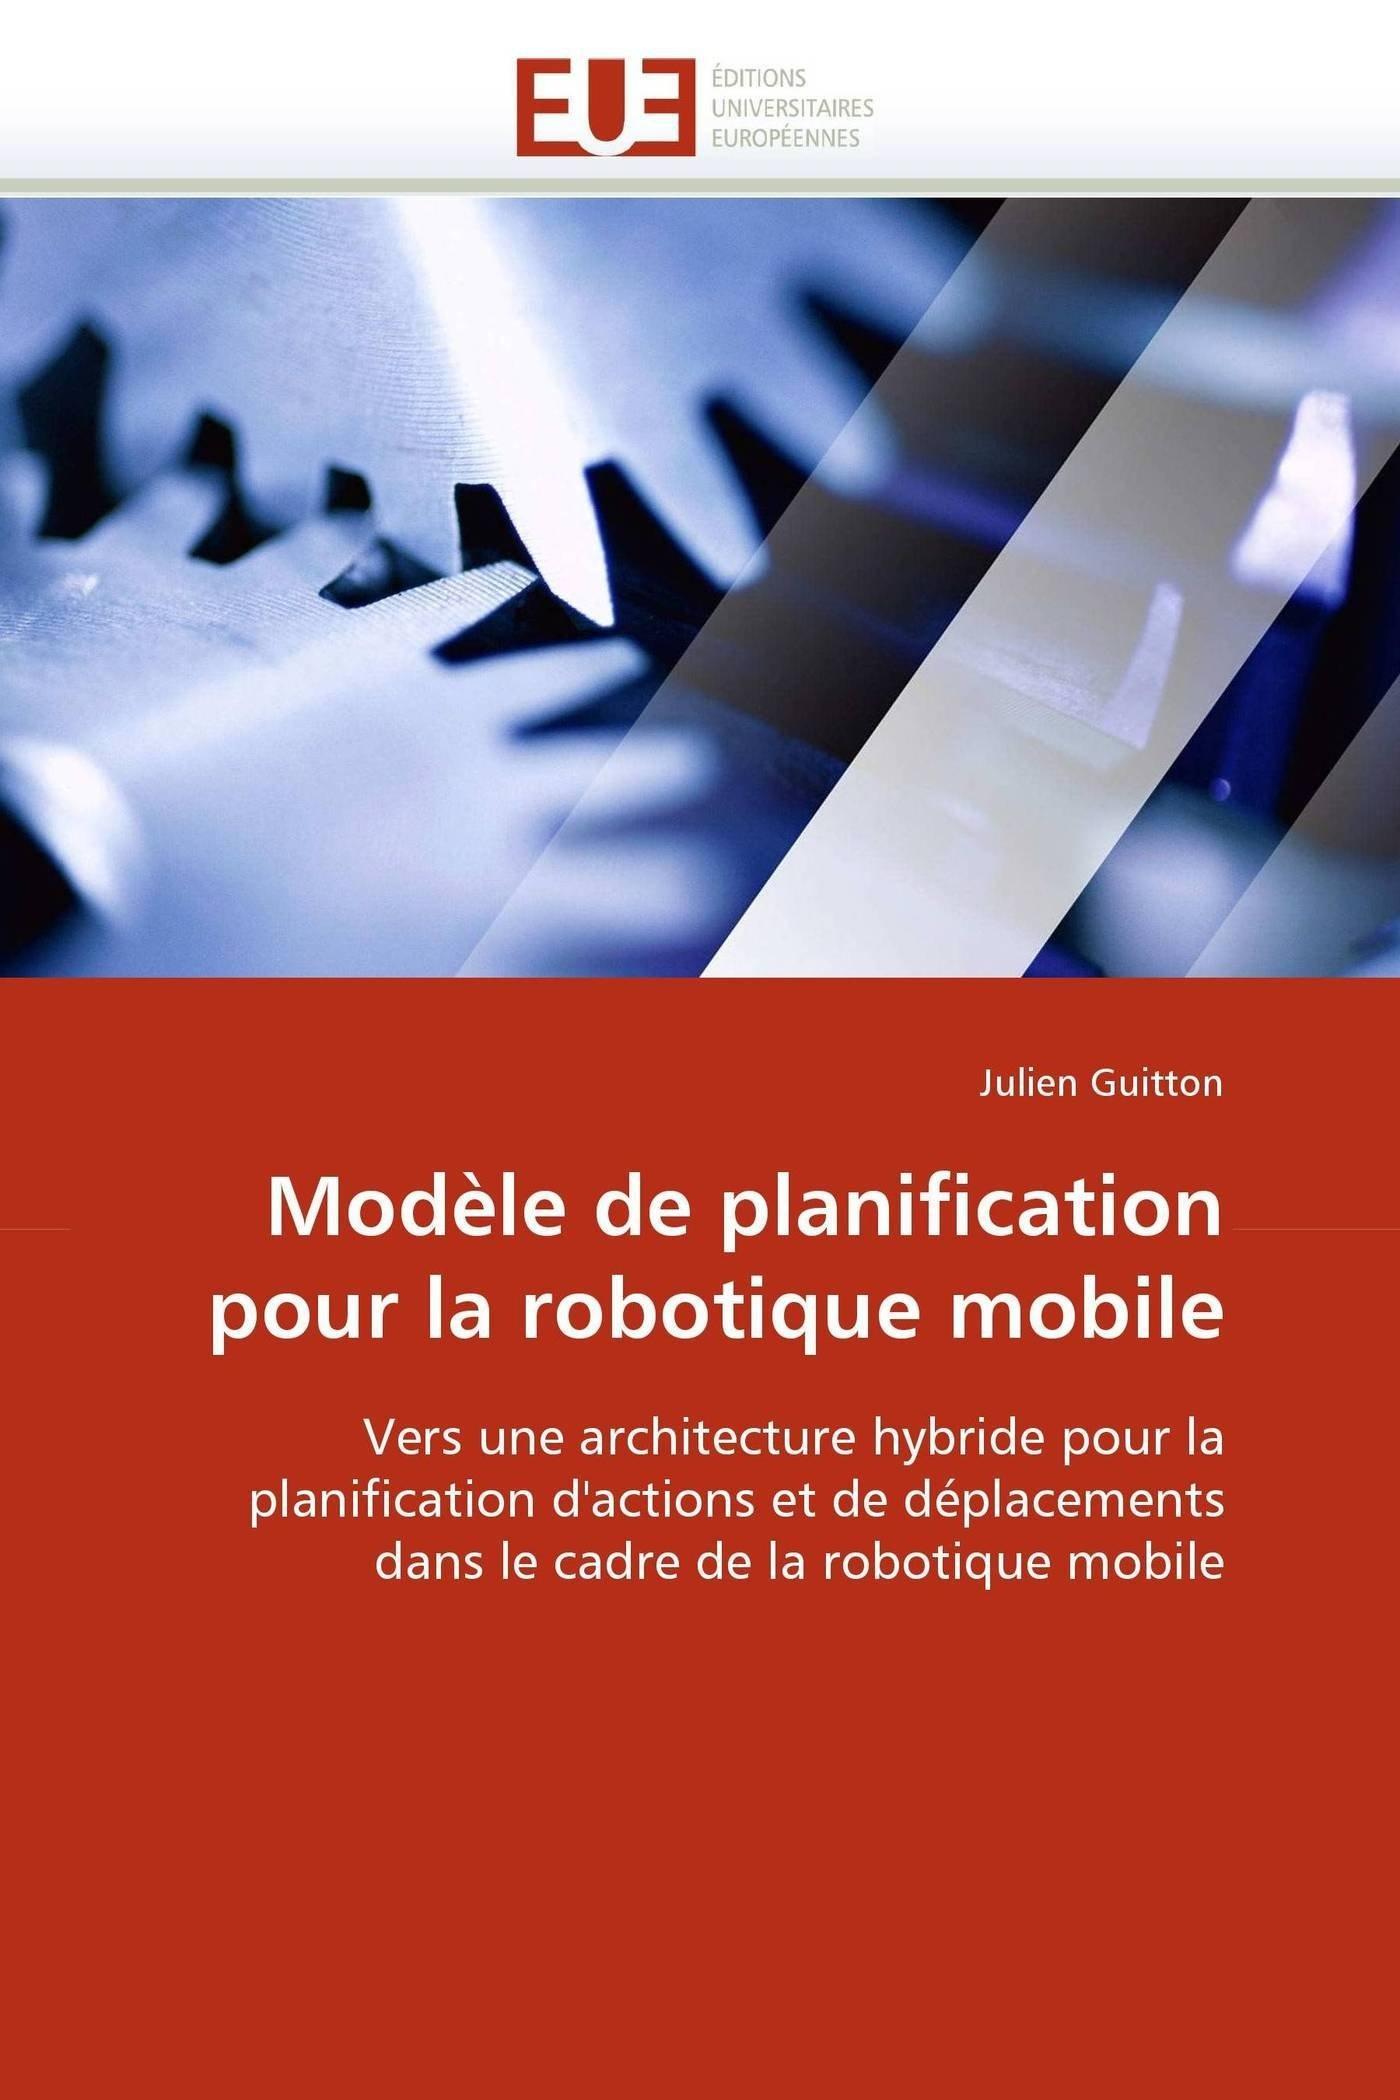 Read Online Modèle de planification pour la robotique mobile: Vers une architecture hybride pour la planification d'actions et de déplacements dans le cadre de la ... mobile (Omn.Univ.Europ.) (French Edition) pdf